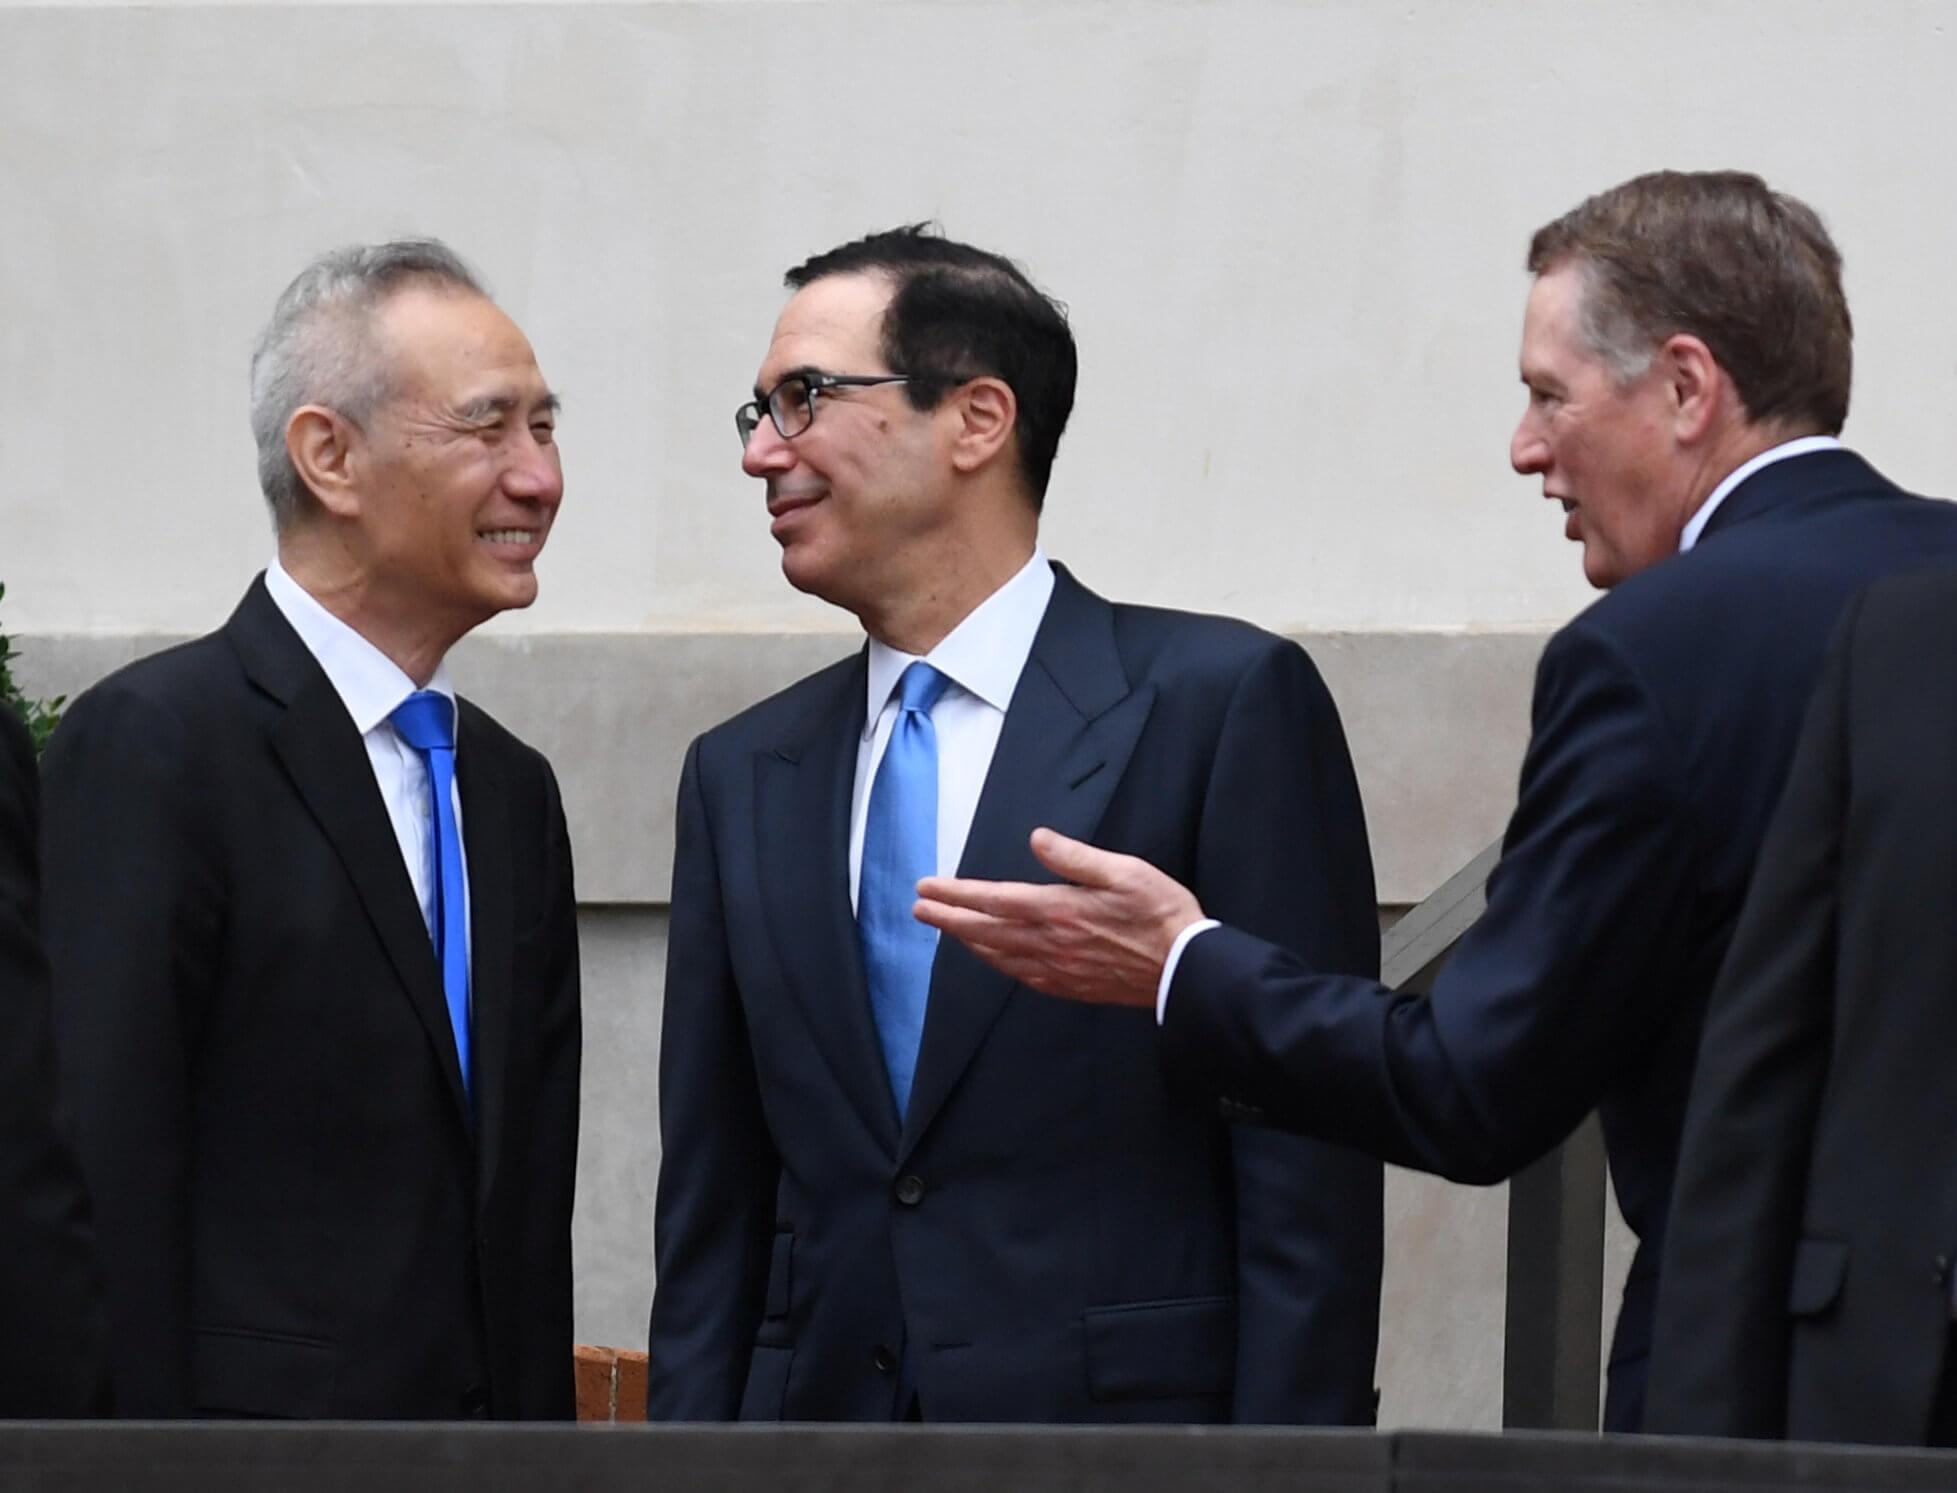 Ραντεβού το Πεκίνο έδωσαν διαπραγματευτές ΗΠΑ – Κίνας σε ένα νέο γύρο επαφών για τερματισμό του εμπορικού πολέμου